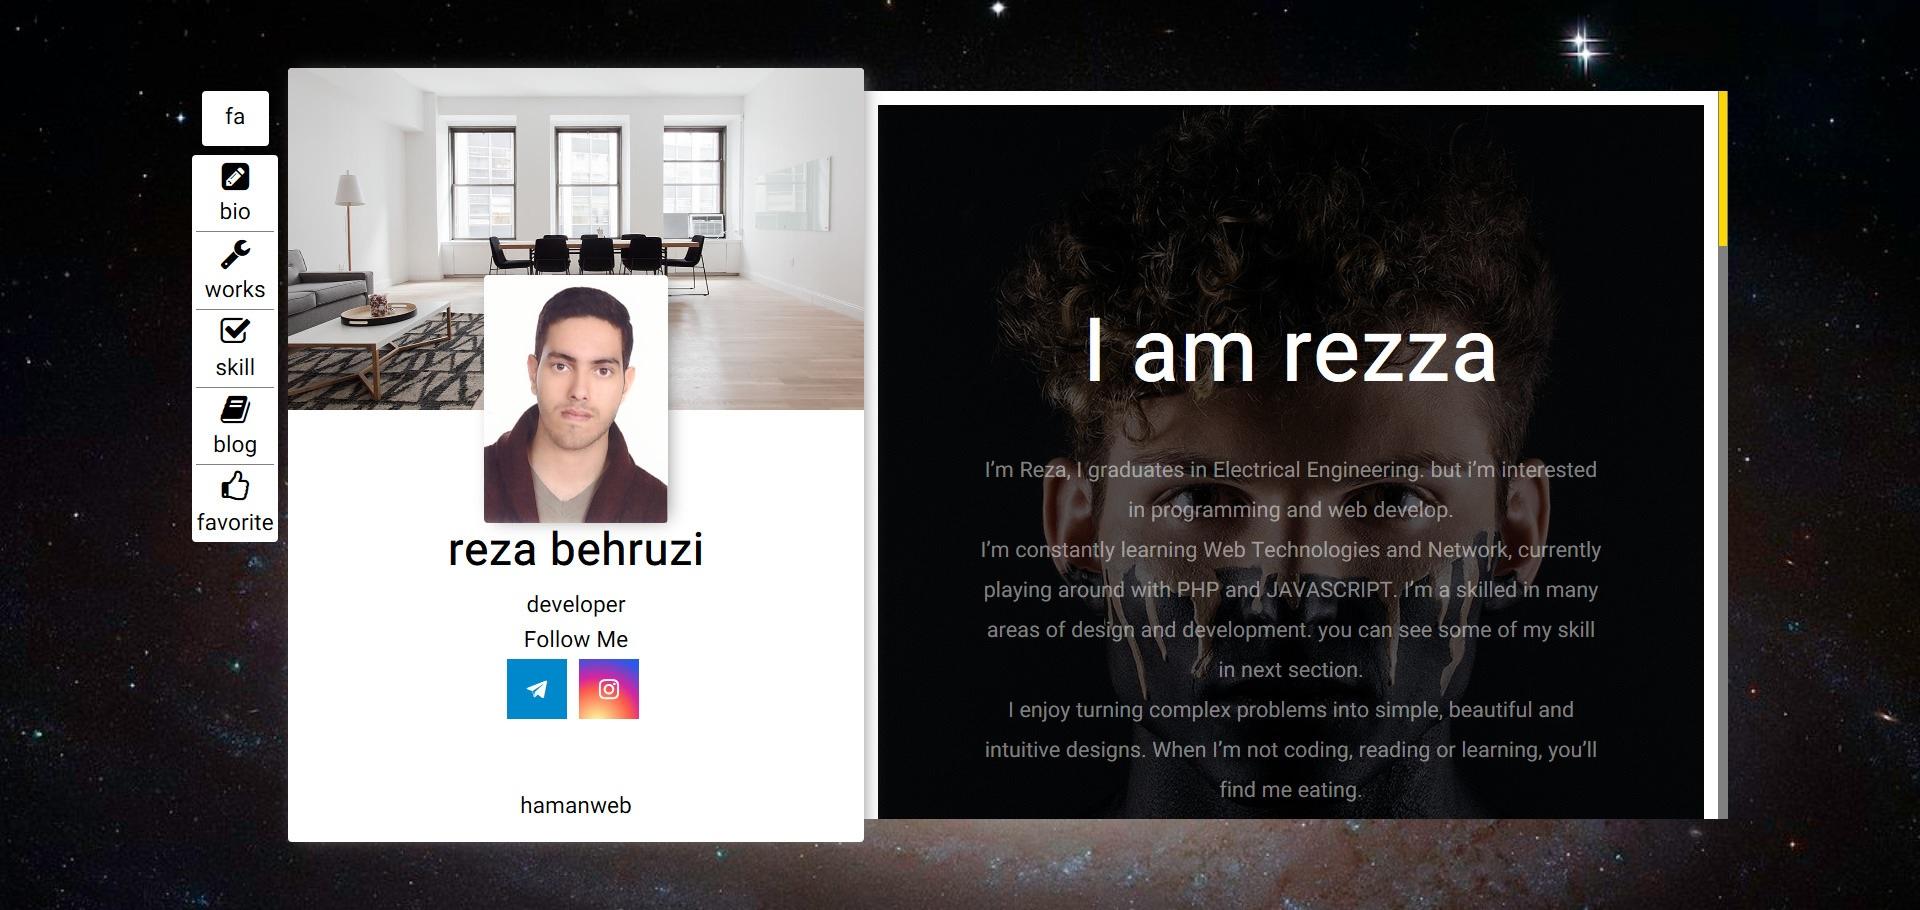 سایت شخصی portfolio کهکشان